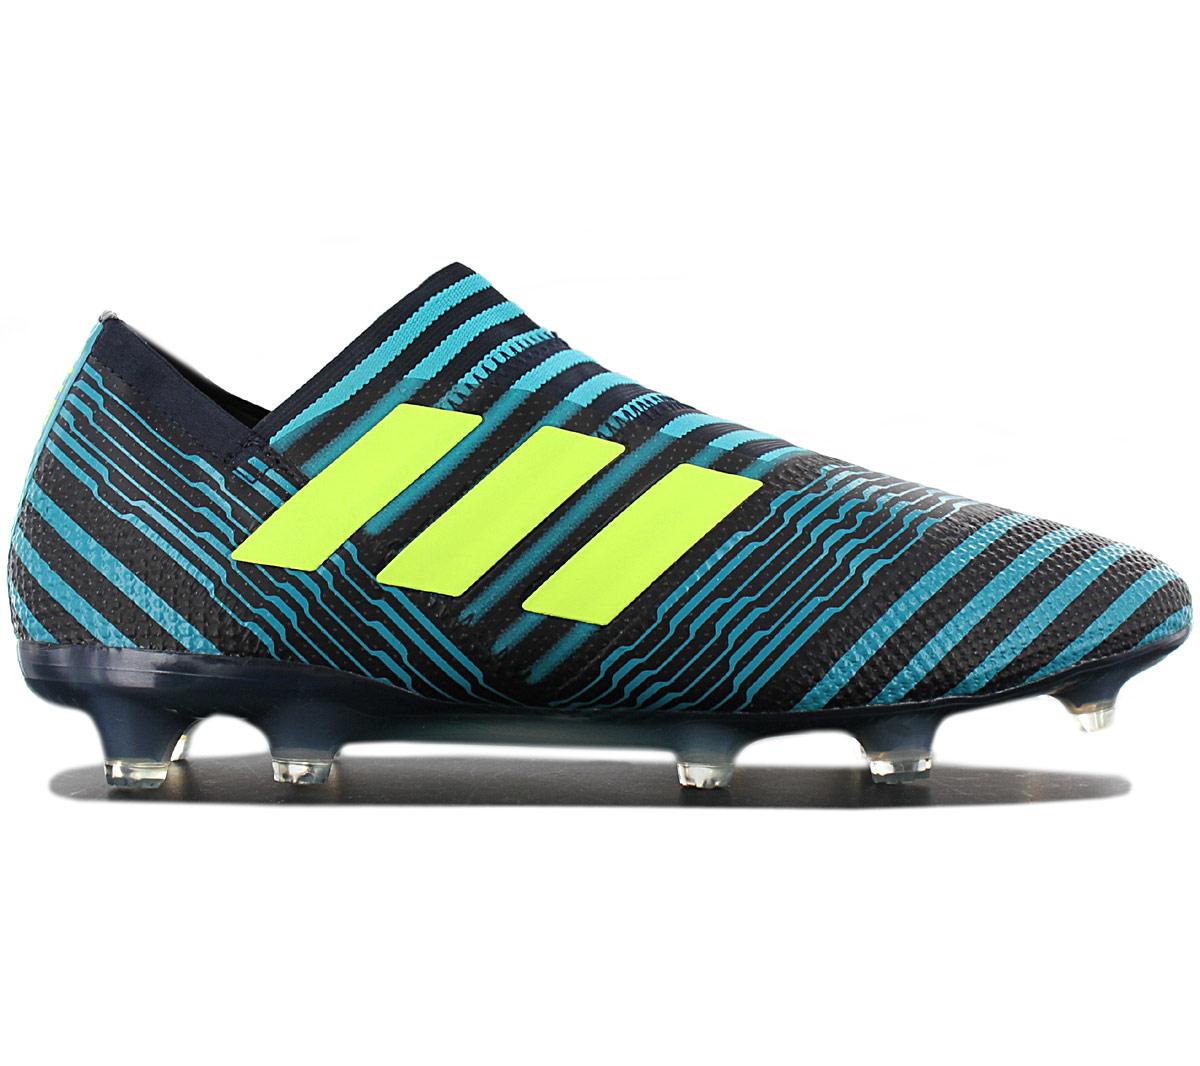 Adidas Nemeziz 17 +360 Agility Fg Men s Premium Soccer Shoes Cams ... 4b730d9c08a7